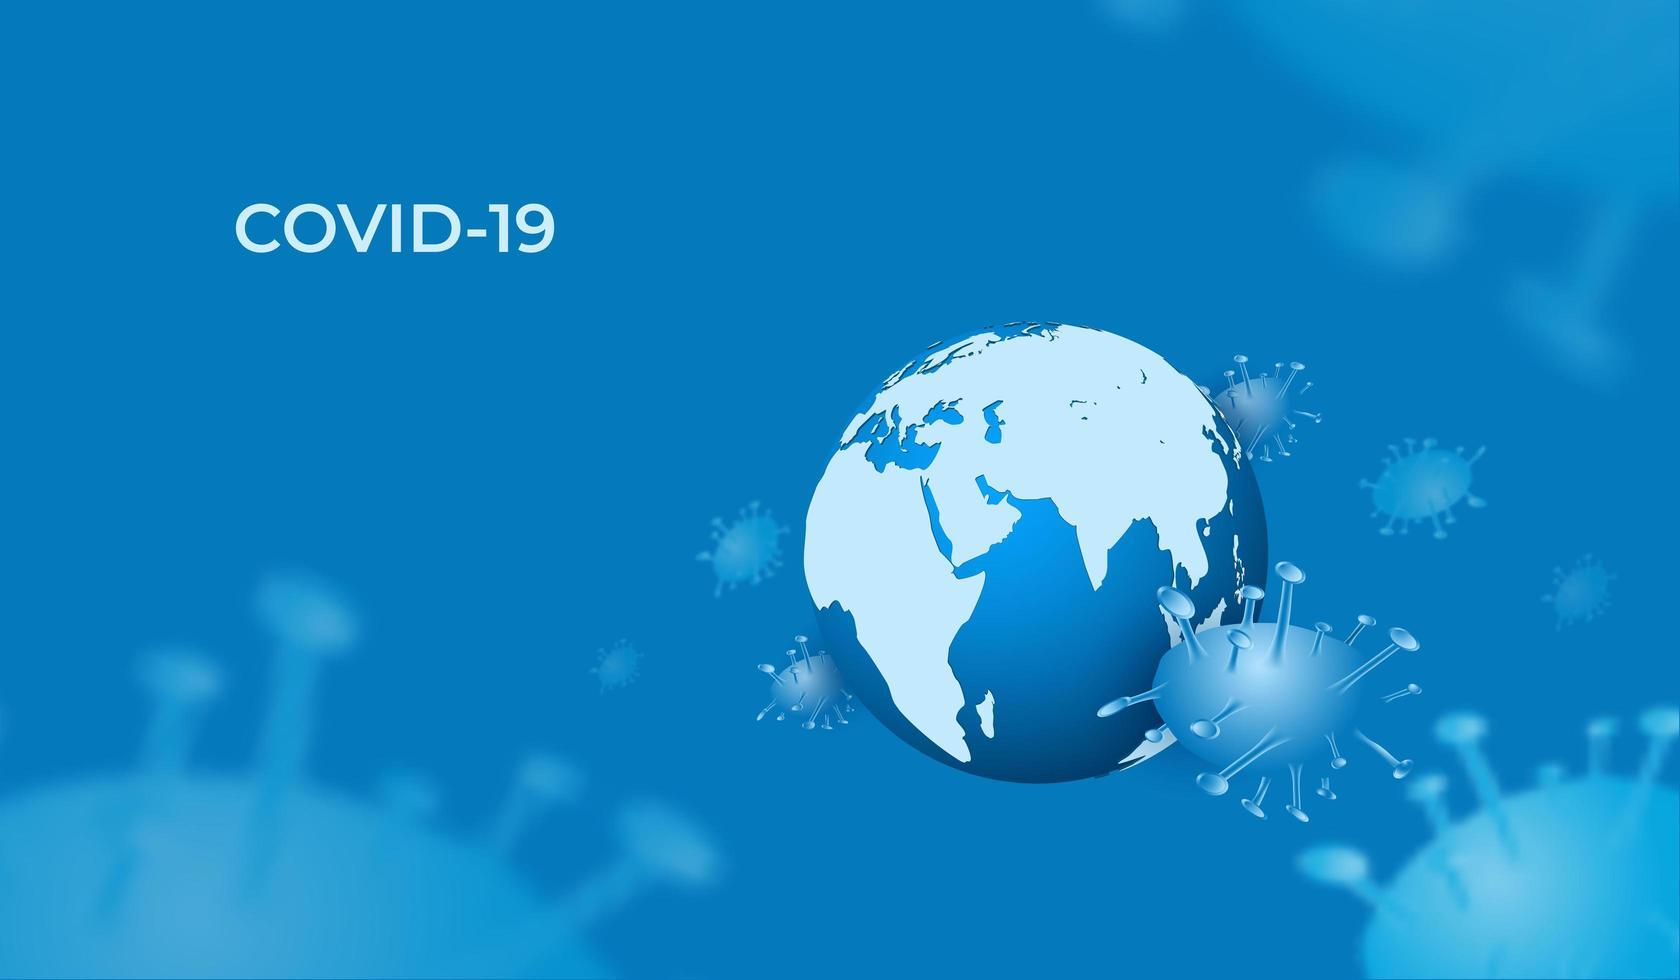 covid-19 si diffonde attorno al globo terrestre vettore